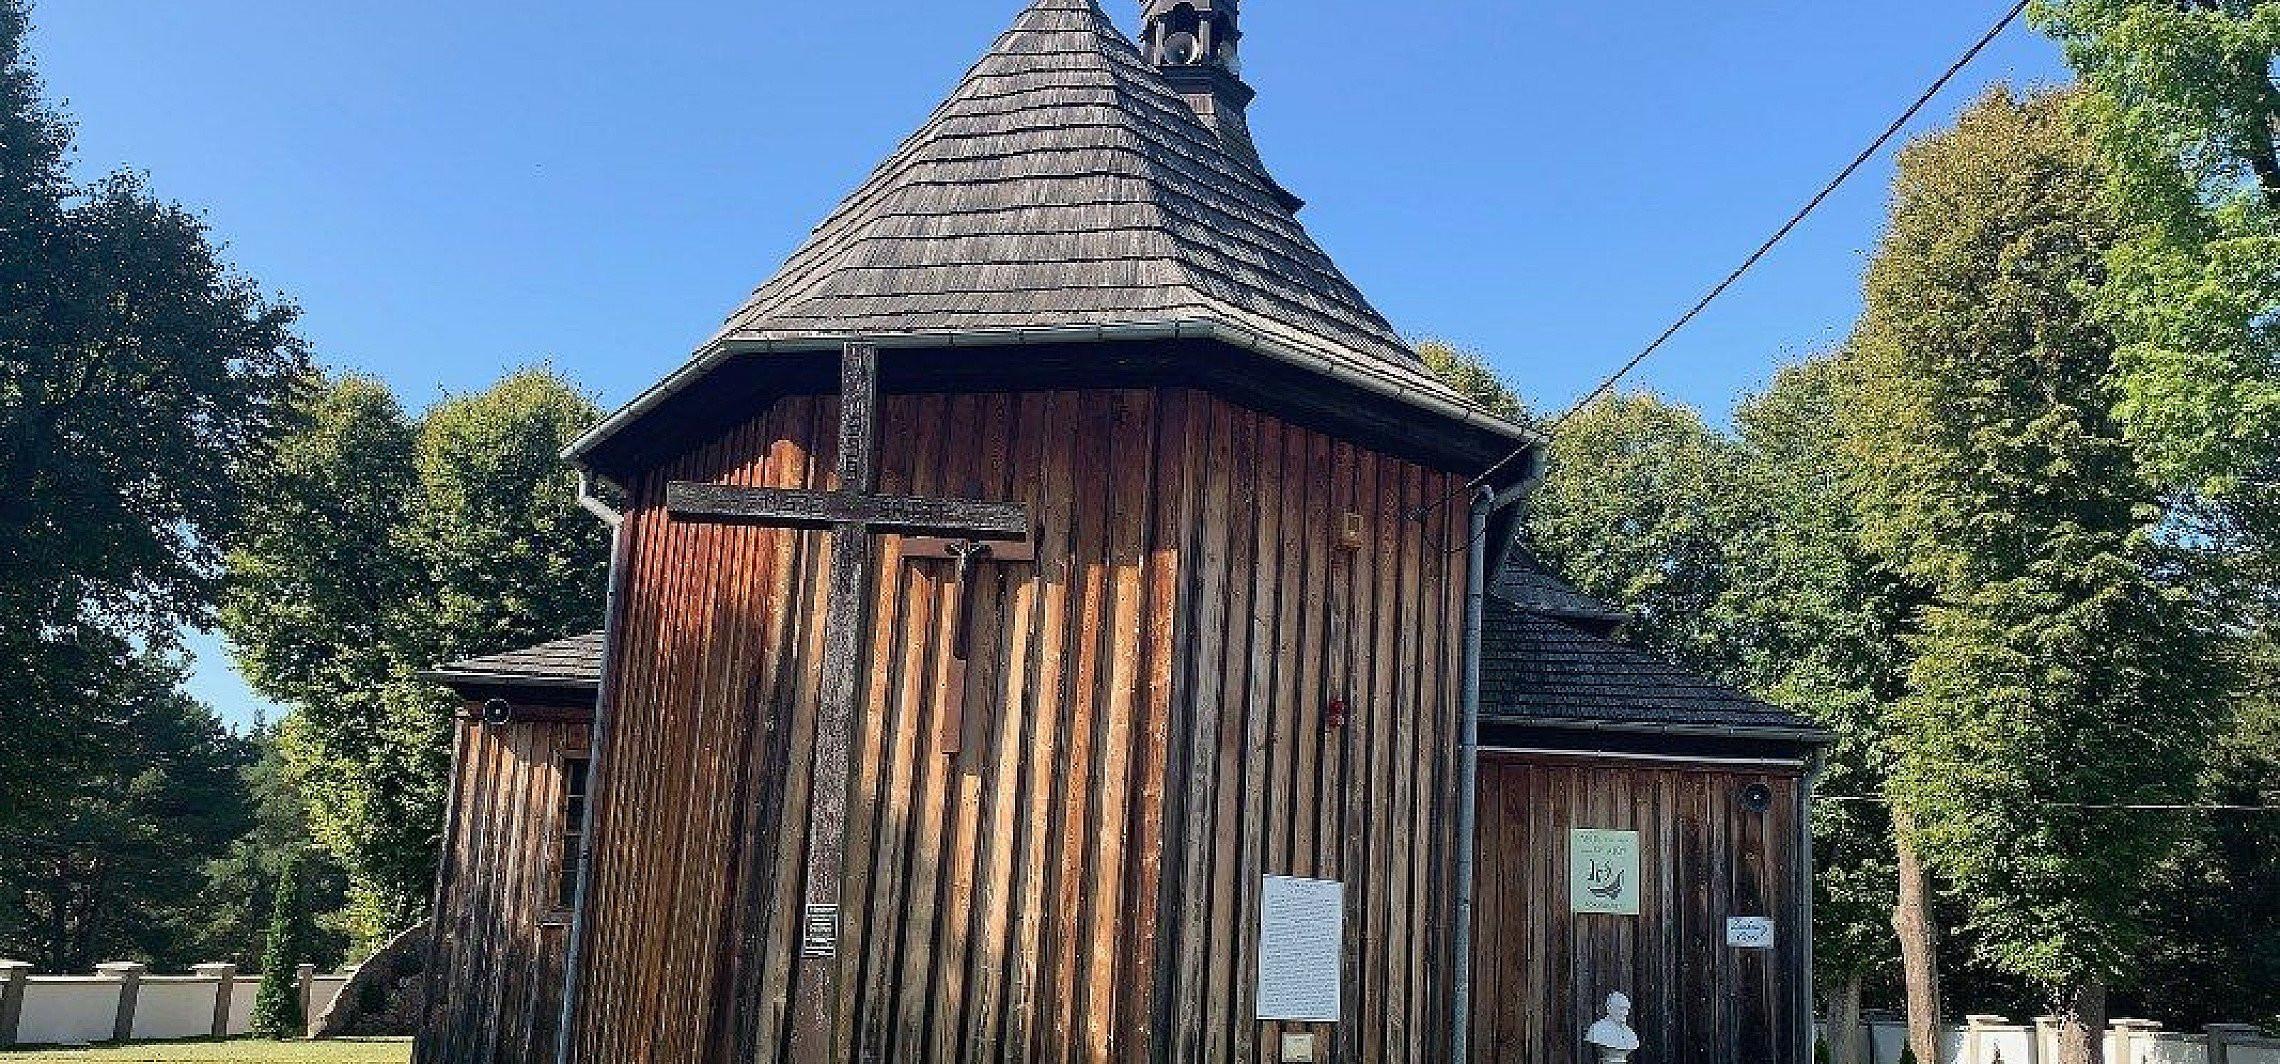 Toruń - Przywłaszczył cenny zabytek. Pójdzie siedzieć?